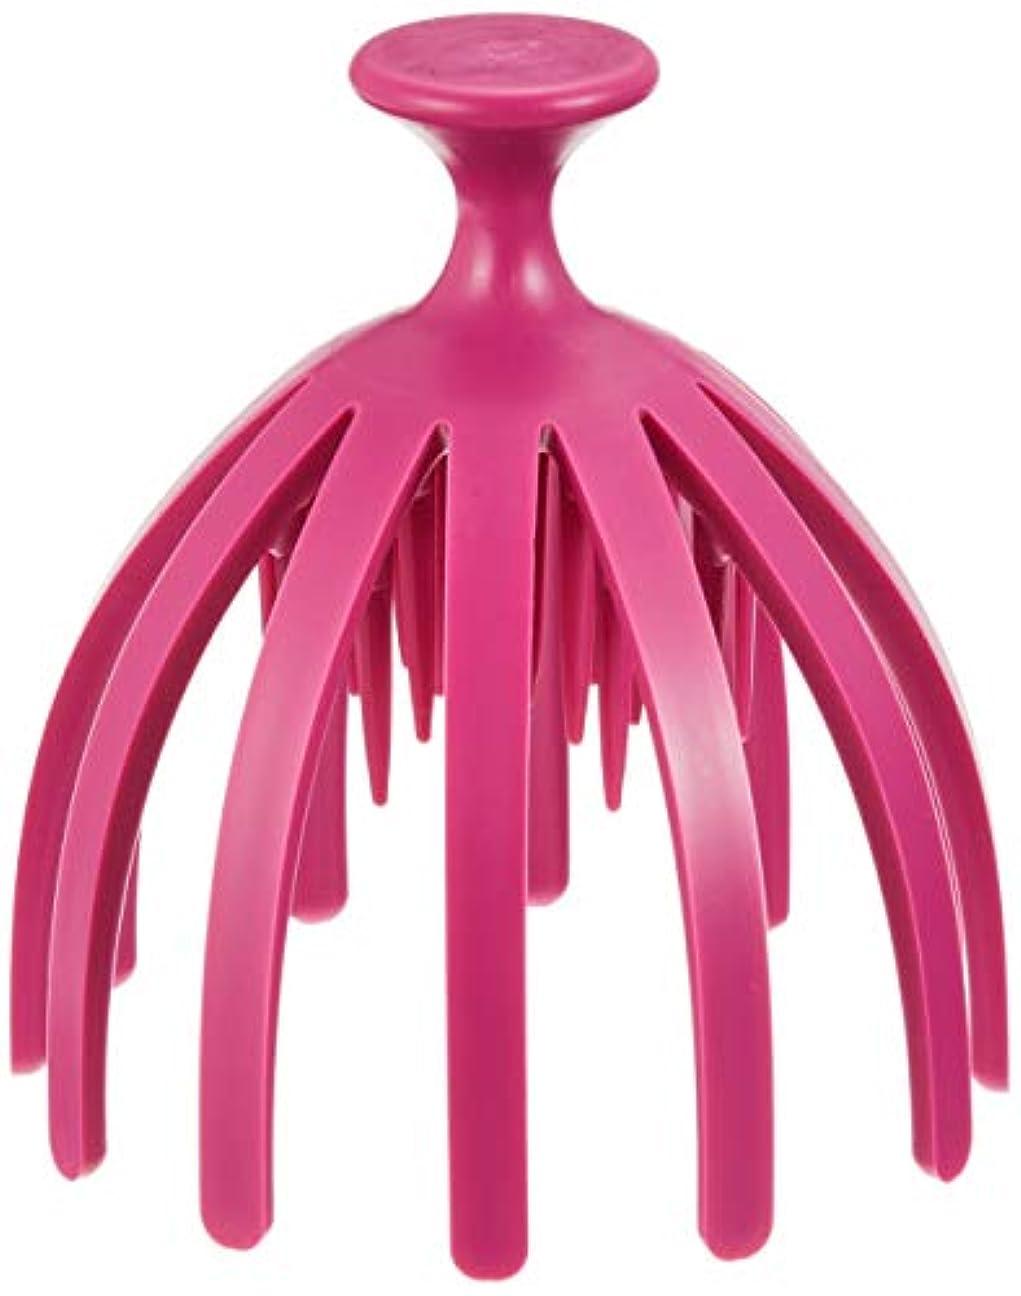 権利を与えるキャップ見捨てるツボスパヘッド限定ギフトパッケージ ピンク